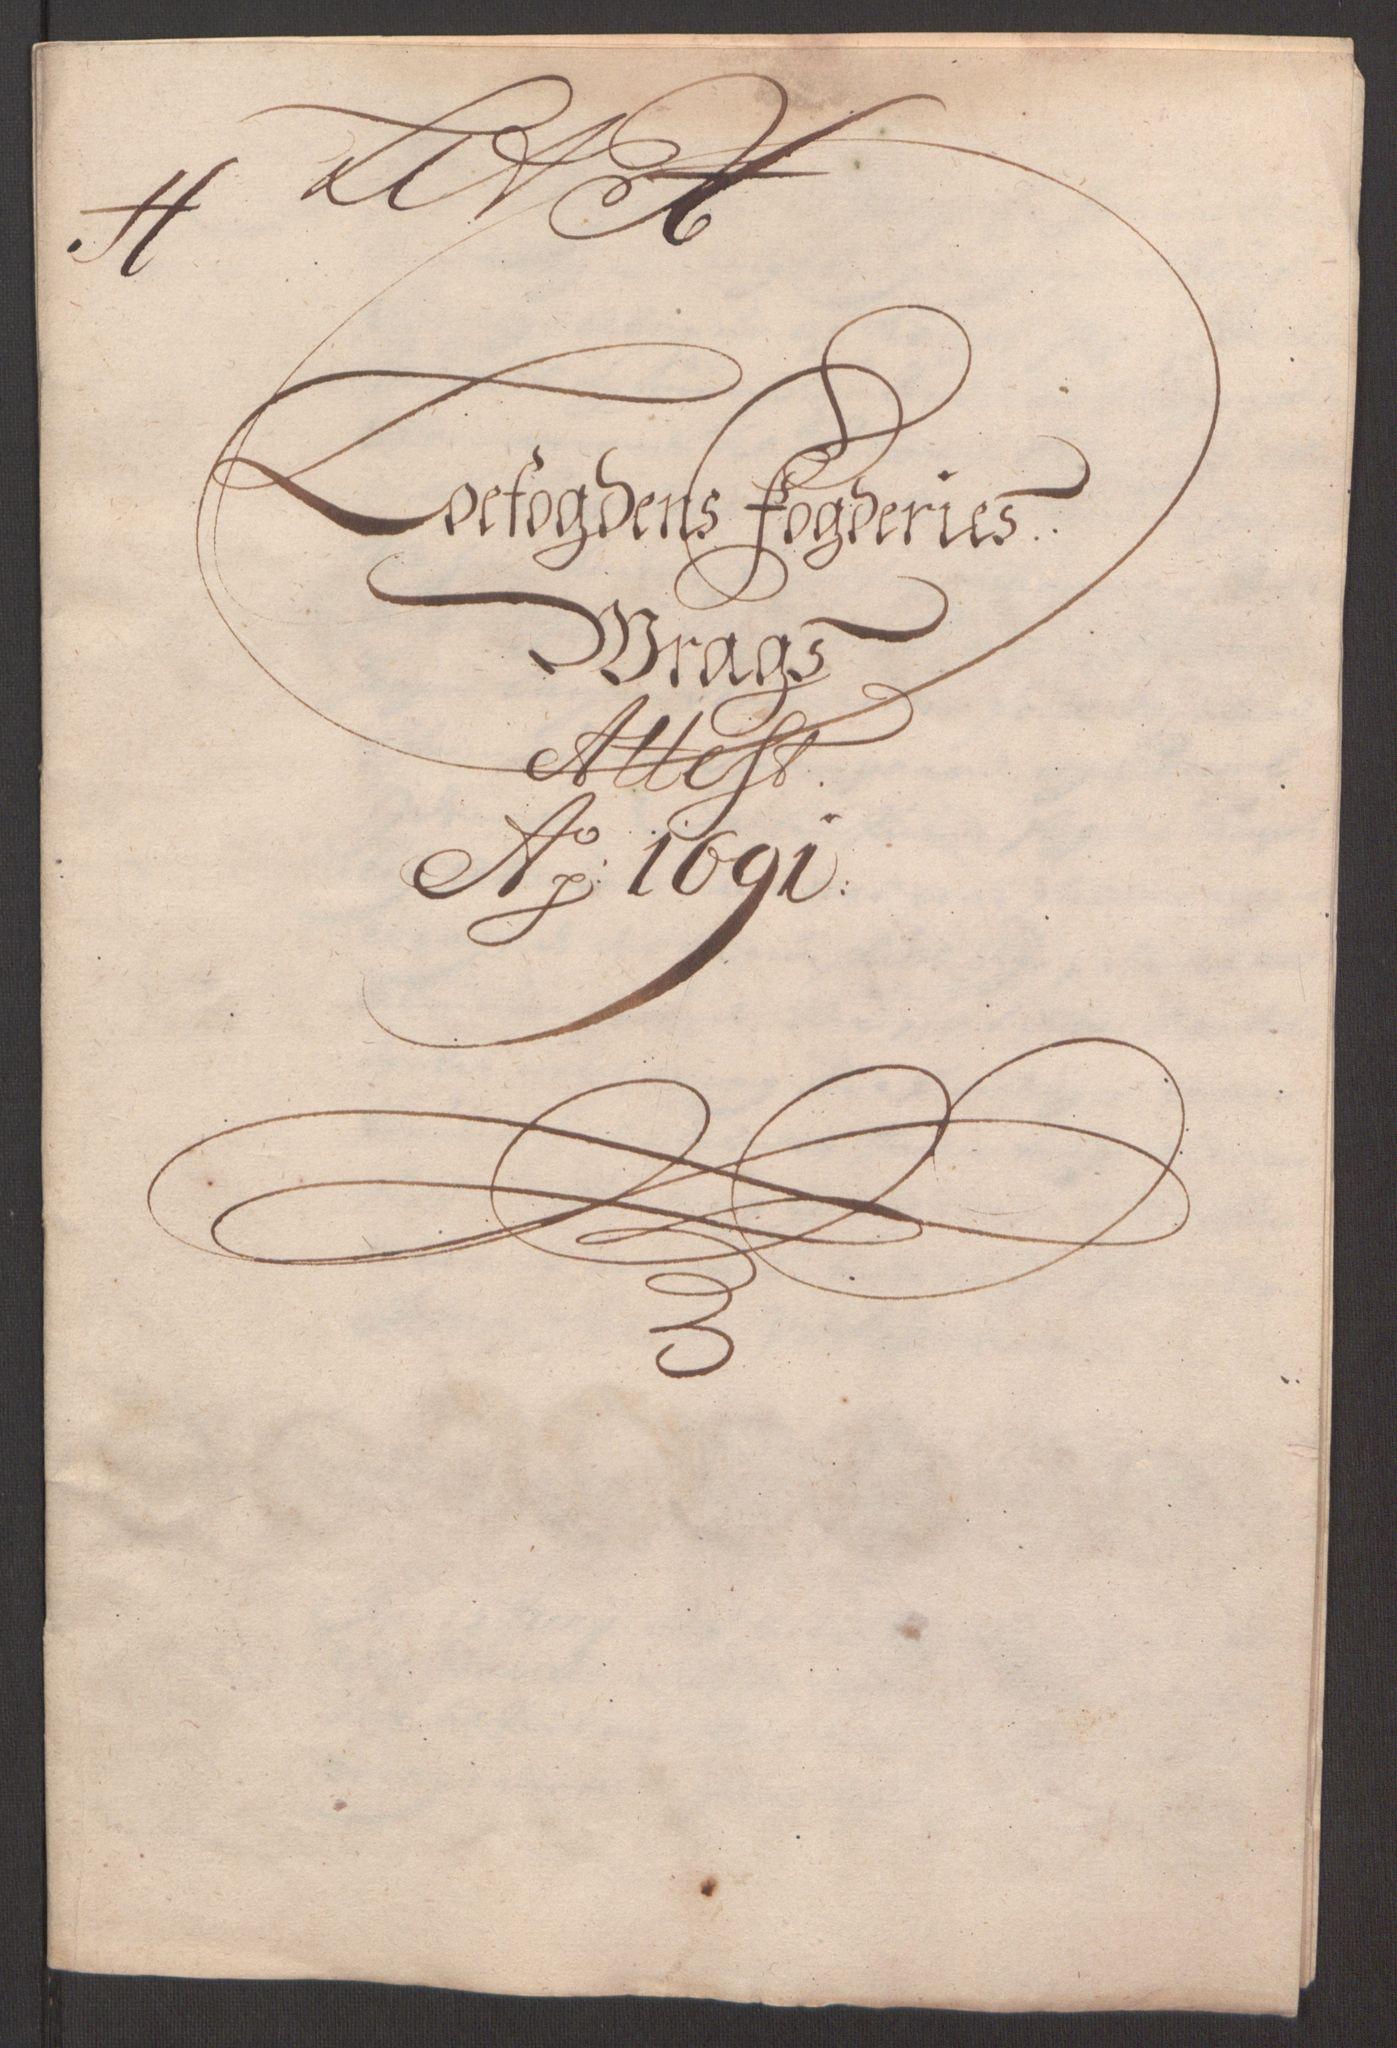 RA, Rentekammeret inntil 1814, Reviderte regnskaper, Fogderegnskap, R67/L4675: Fogderegnskap Vesterålen, Andenes og Lofoten, 1691-1693, s. 81